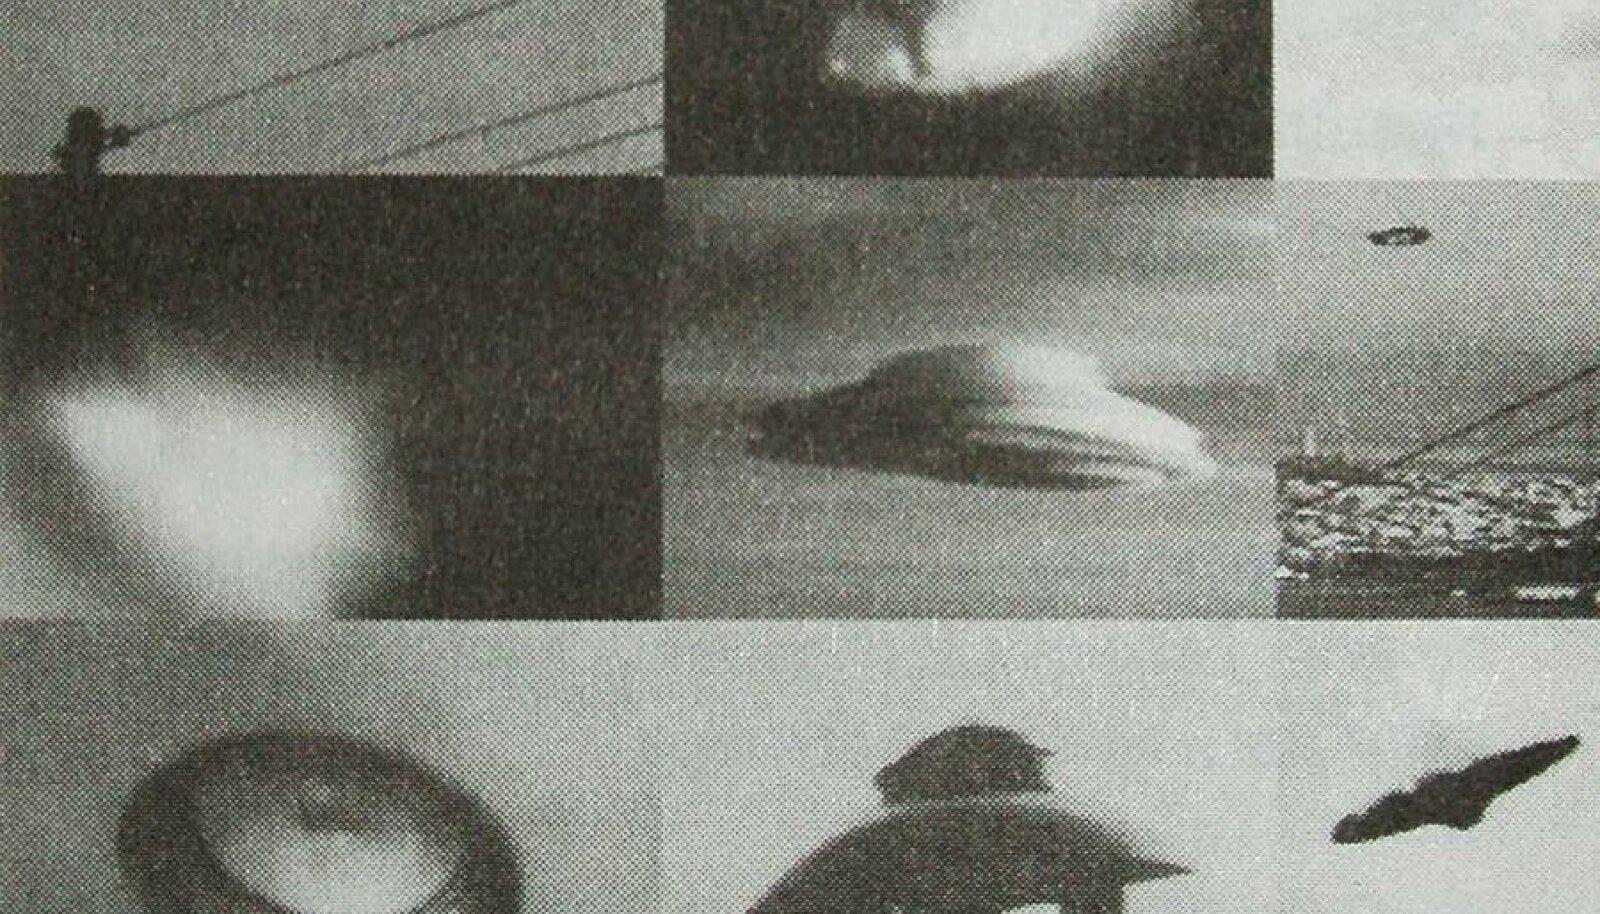 ülesvõtteid UFOdest on tehtud 1870ndatest aastatest, suurem osa neist on kas ratsionaalse seletuse saanud või pettusena paljastatud. Aga umbes 10% on seletuseta jäänud.